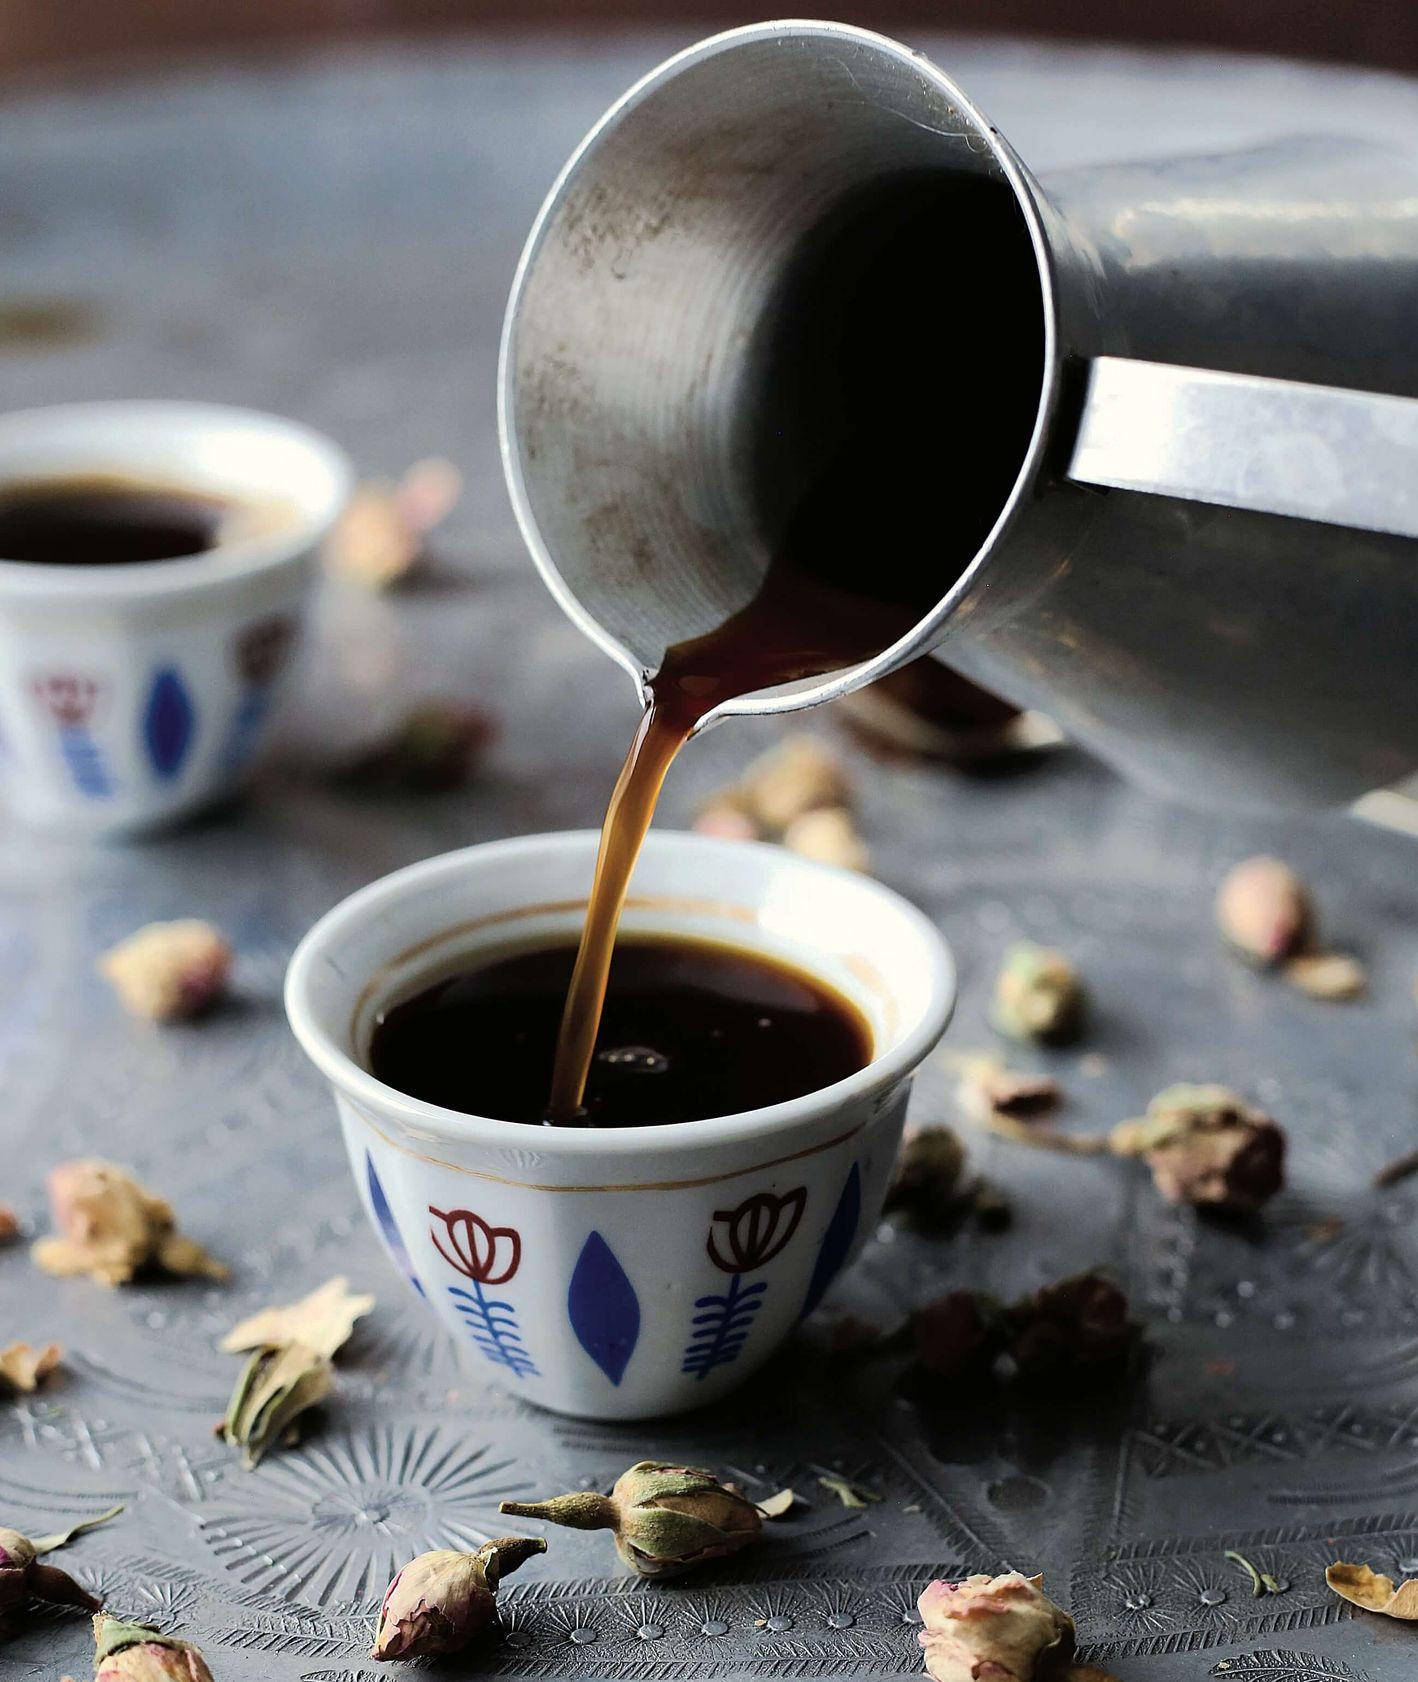 kawa z wodą różaną i kardamonem, izreael, kawa speciality, jak zaparzyć kawę, kawa z tygielka, kawa z kardamonem, przepis Samar Khanafer